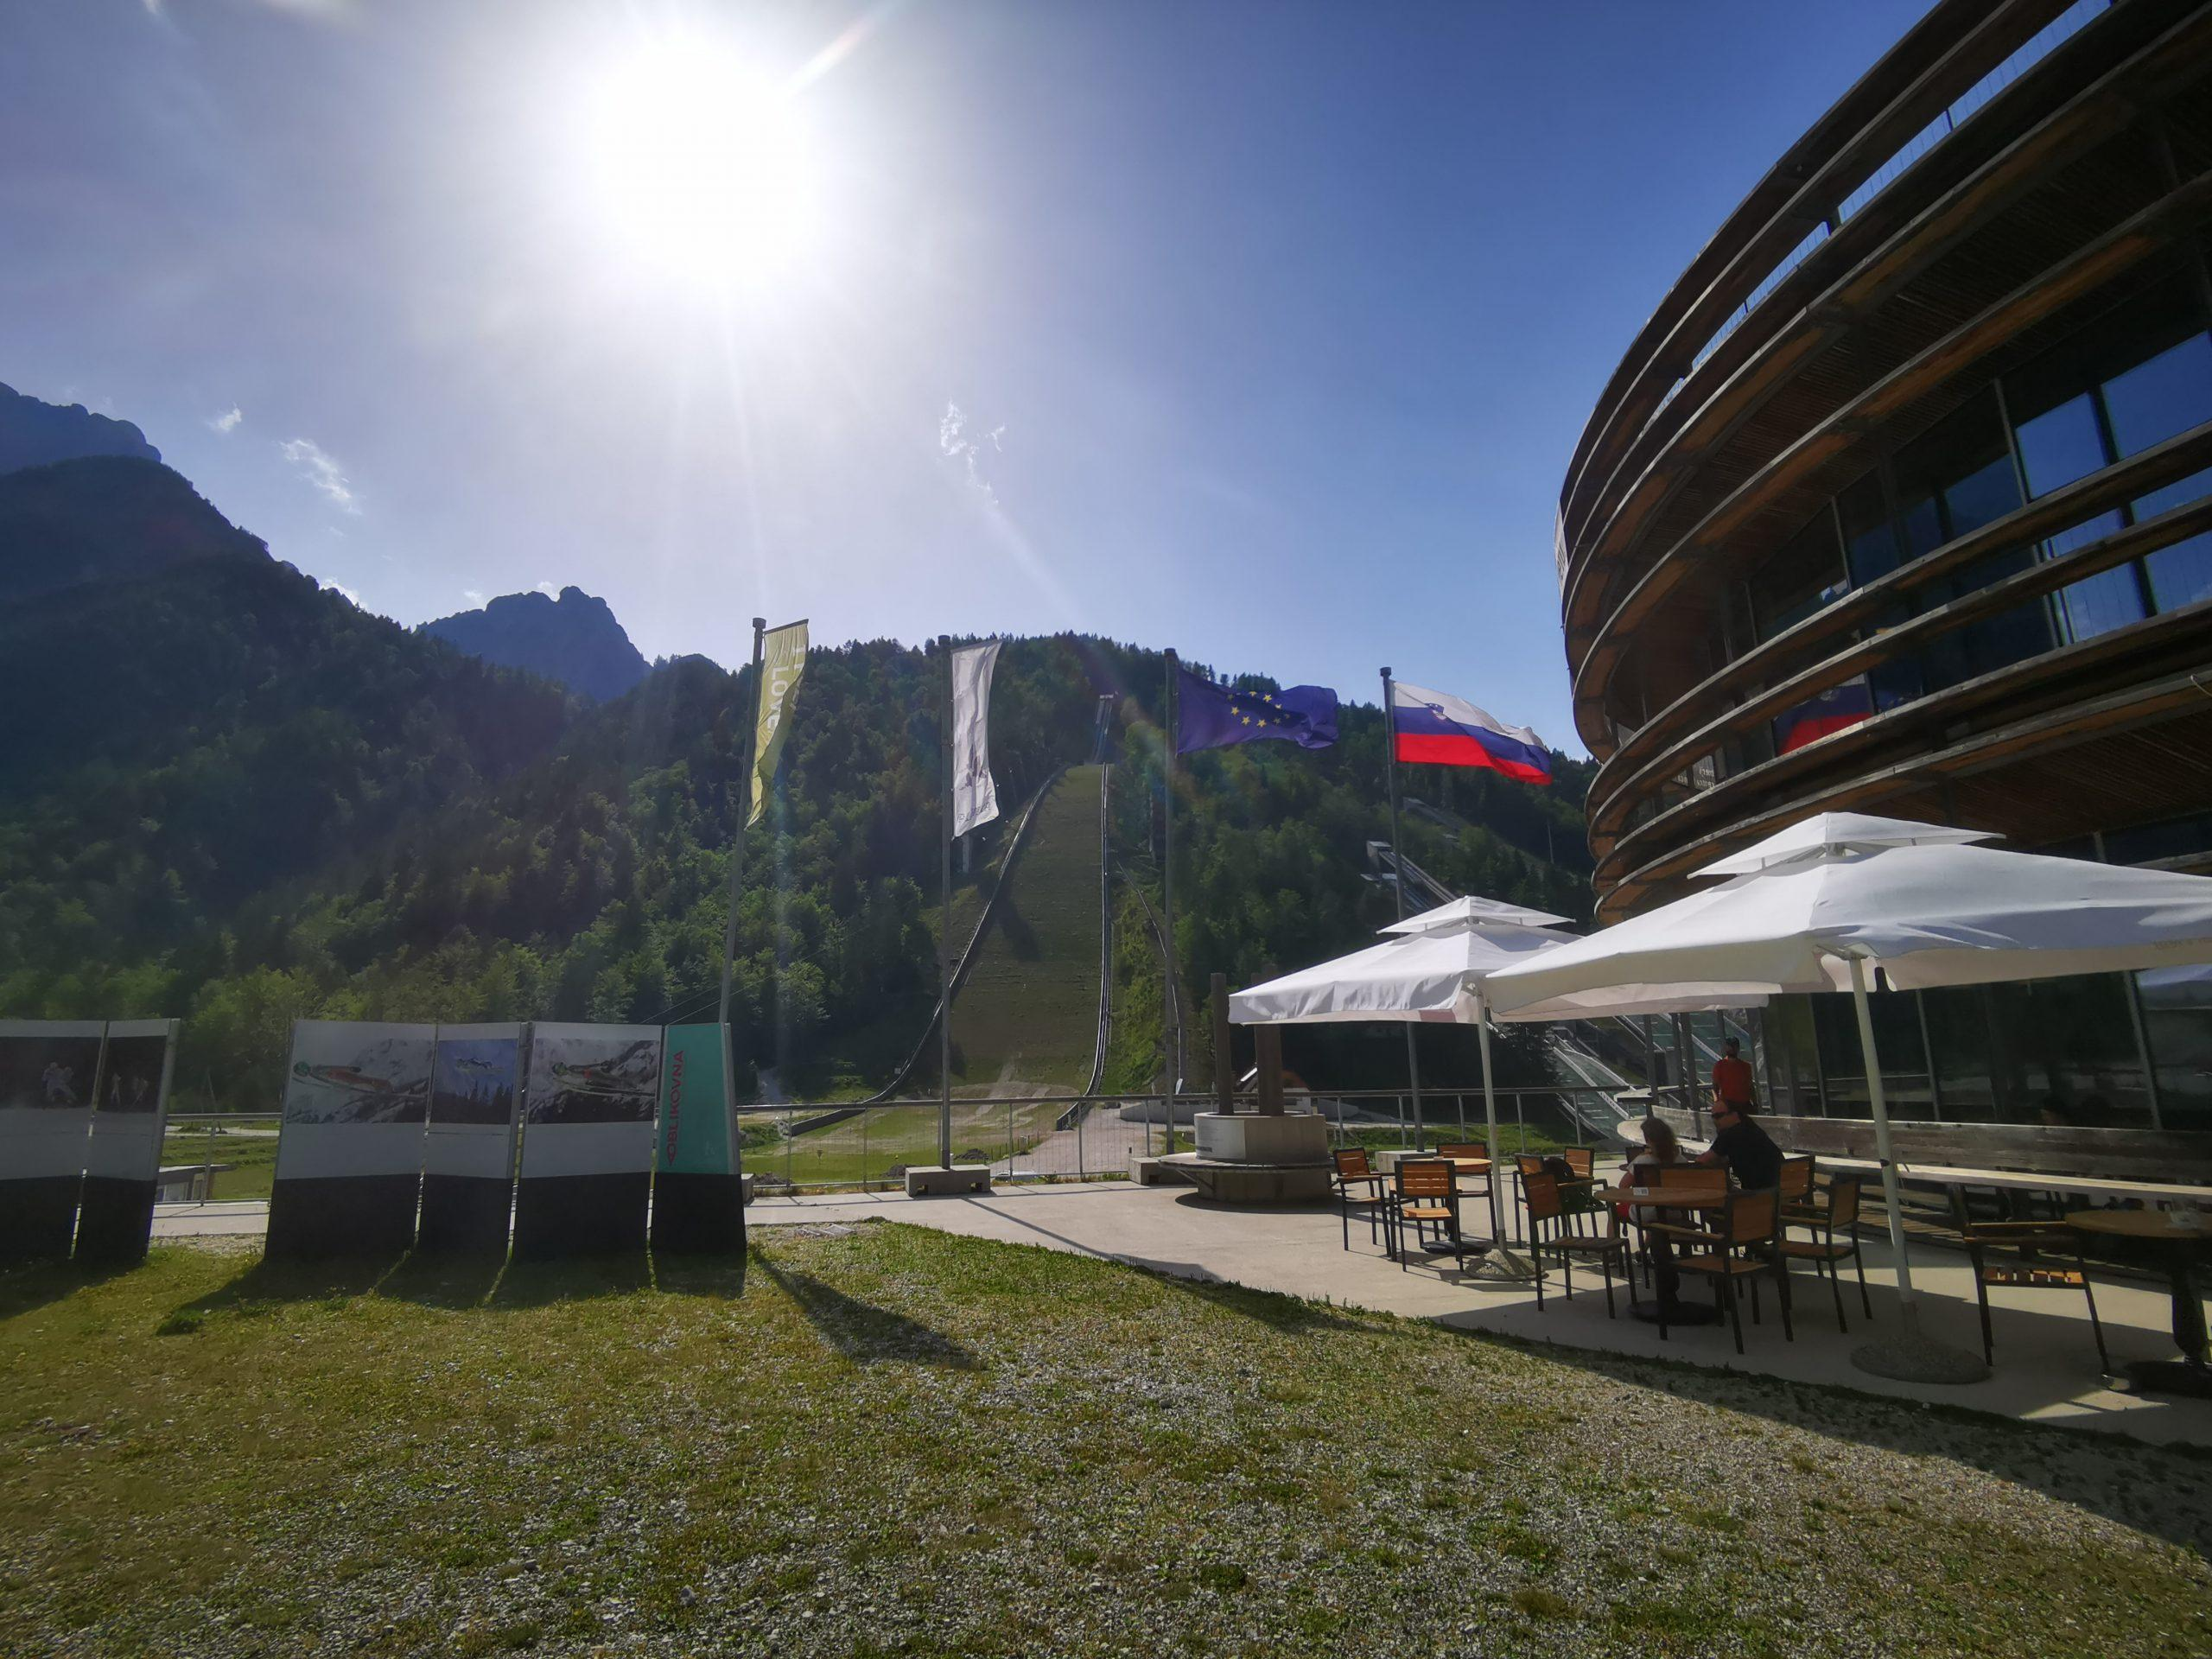 Lokal s pogledom na smučarske skakalnice